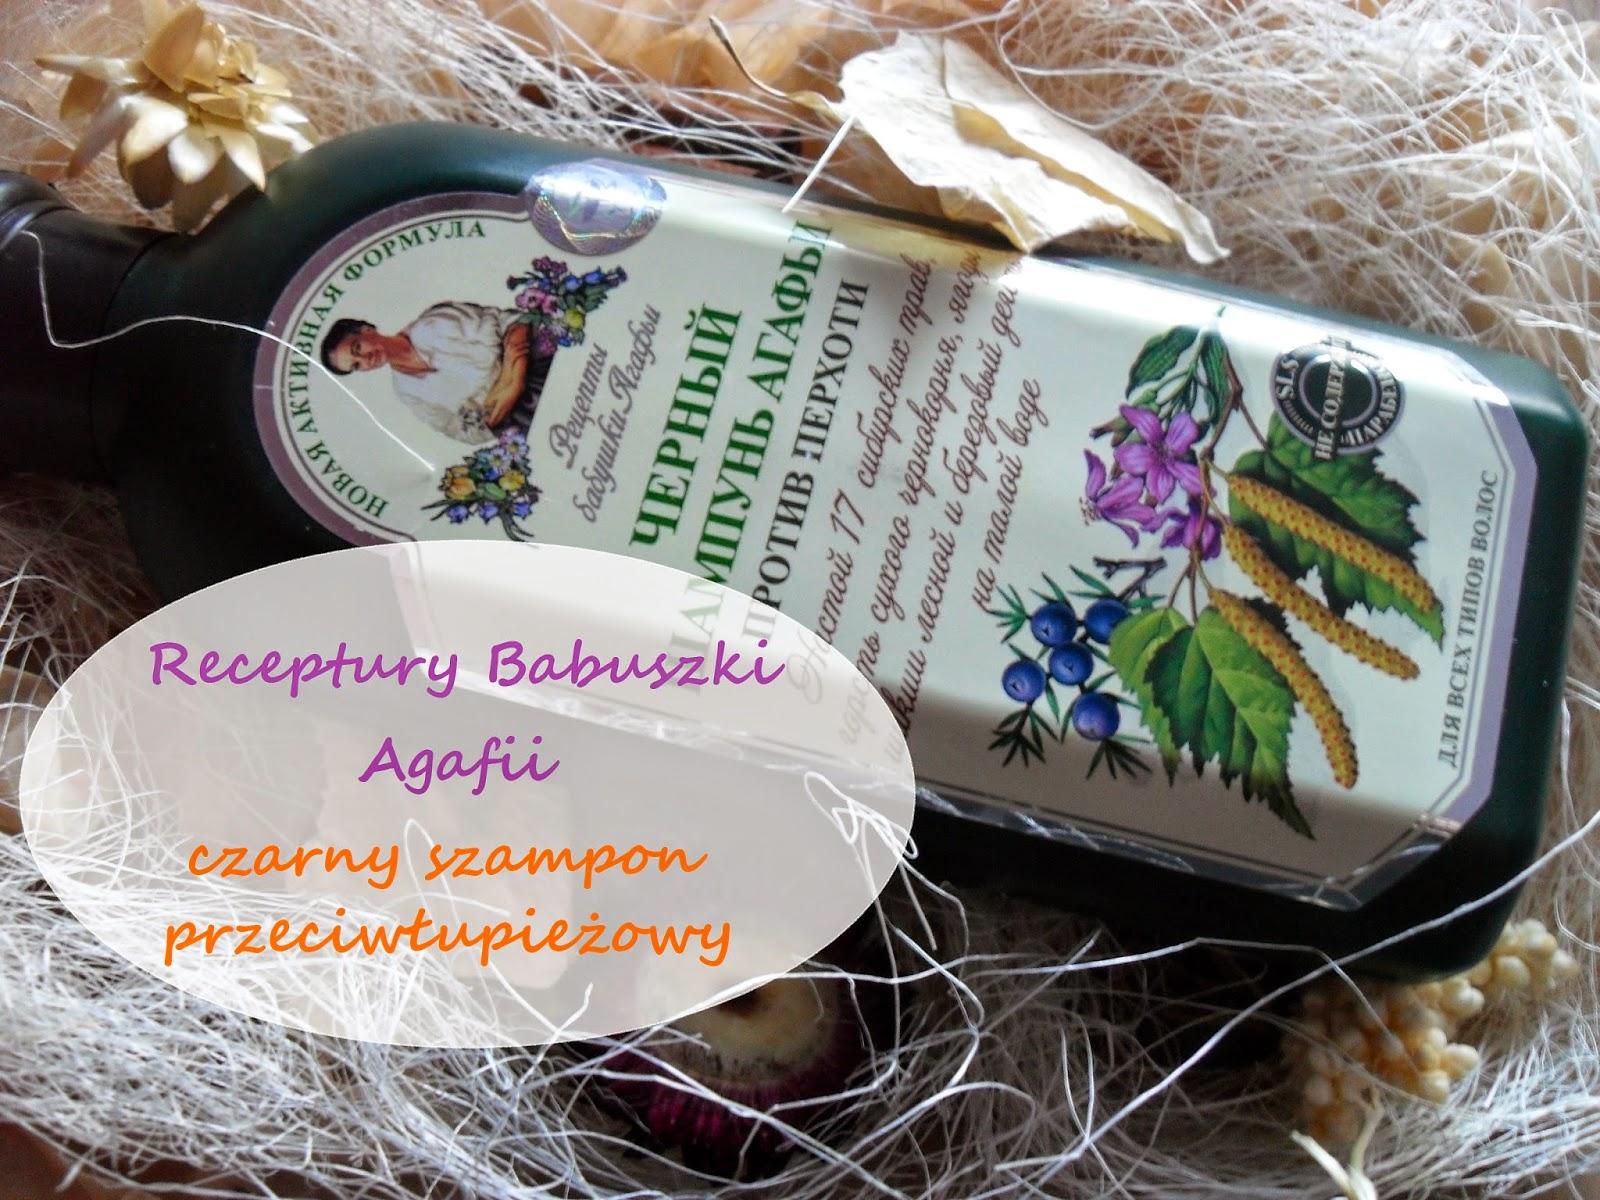 Receptury Babuszki Agafii - Czarny szampon przeciwłupieżowy